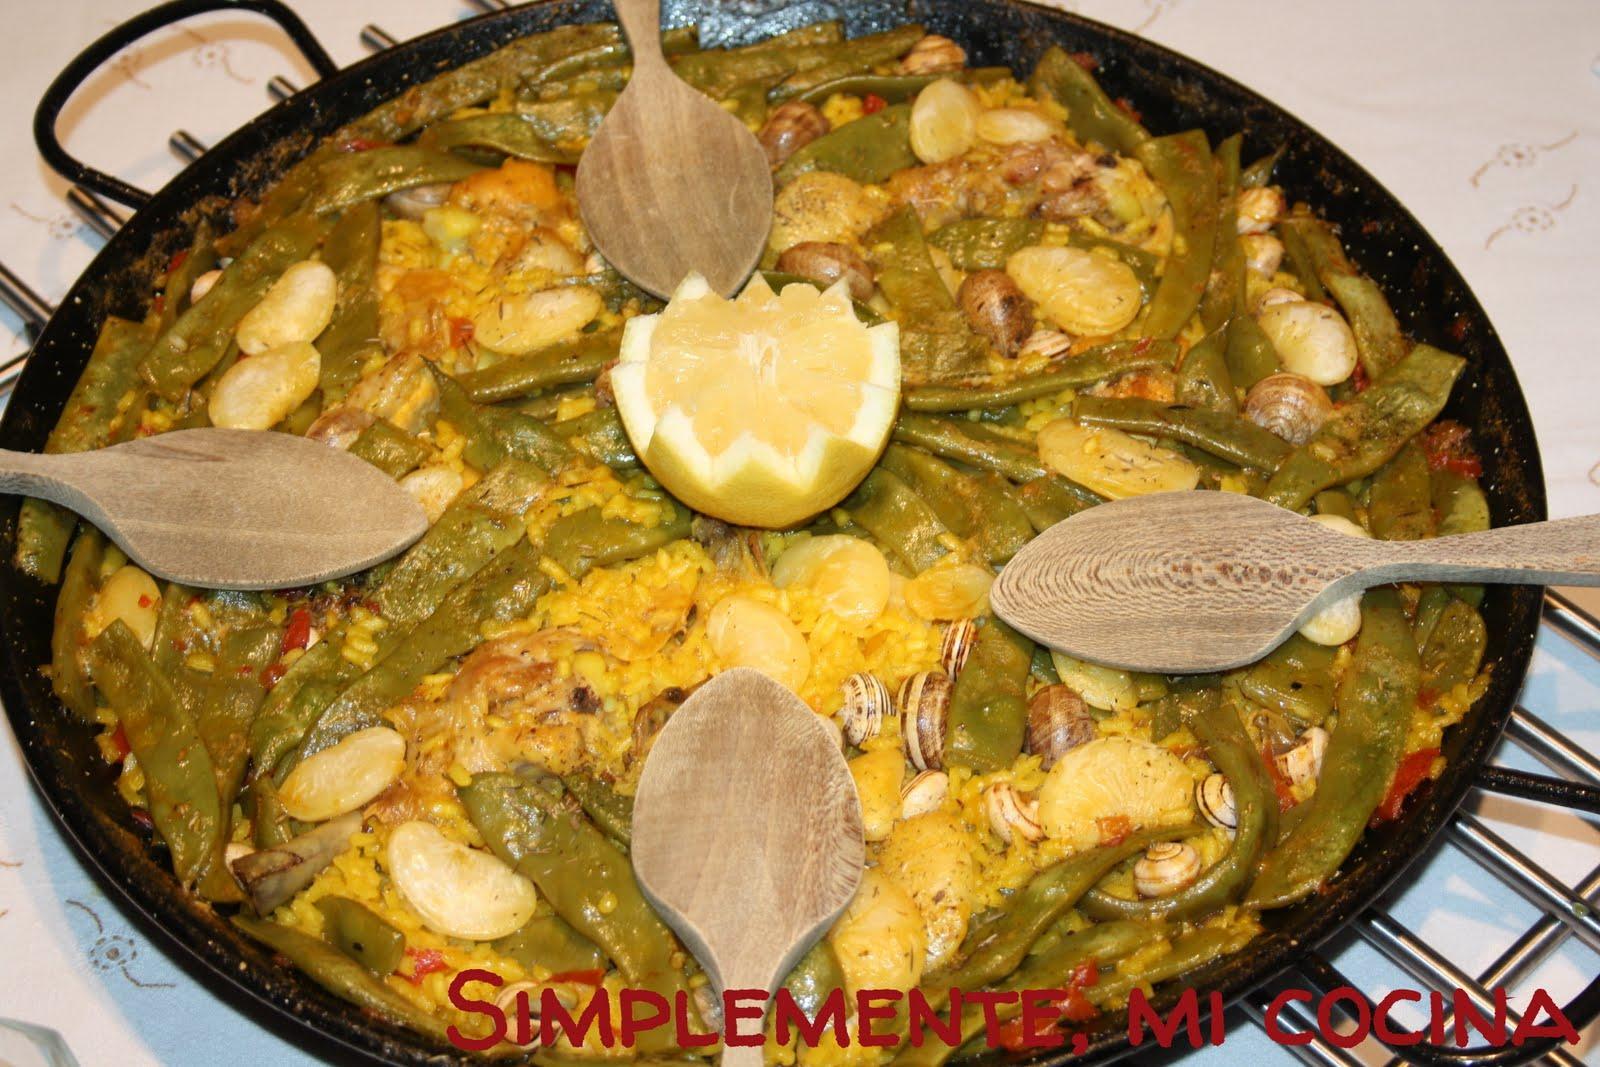 Simplemente mi cocina paella valenciana for Cocina valenciana